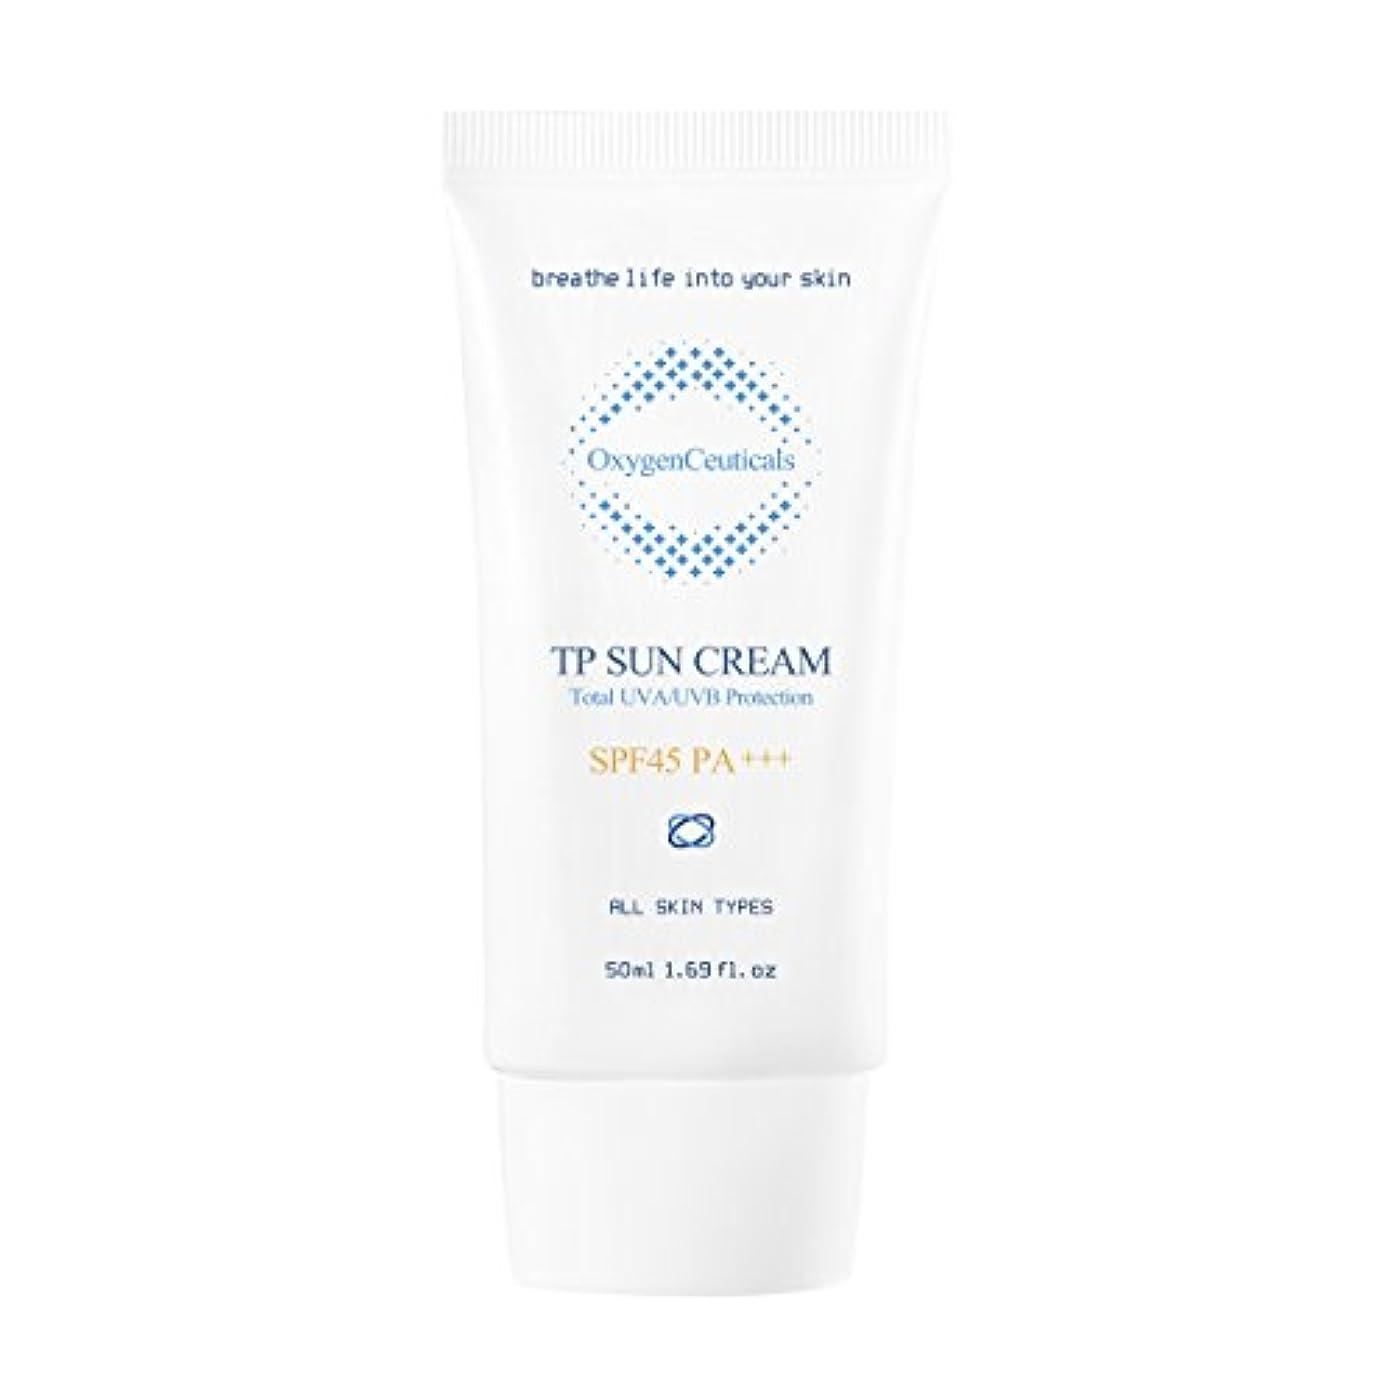 コロニアルブレース調整可能オキシジェンシューティカルズ 酸素サンクリーム(保湿日焼け止め) 50ml. TP Sun Cream 50ml. [SPF45 PA+++] X Mask Pack 1p.